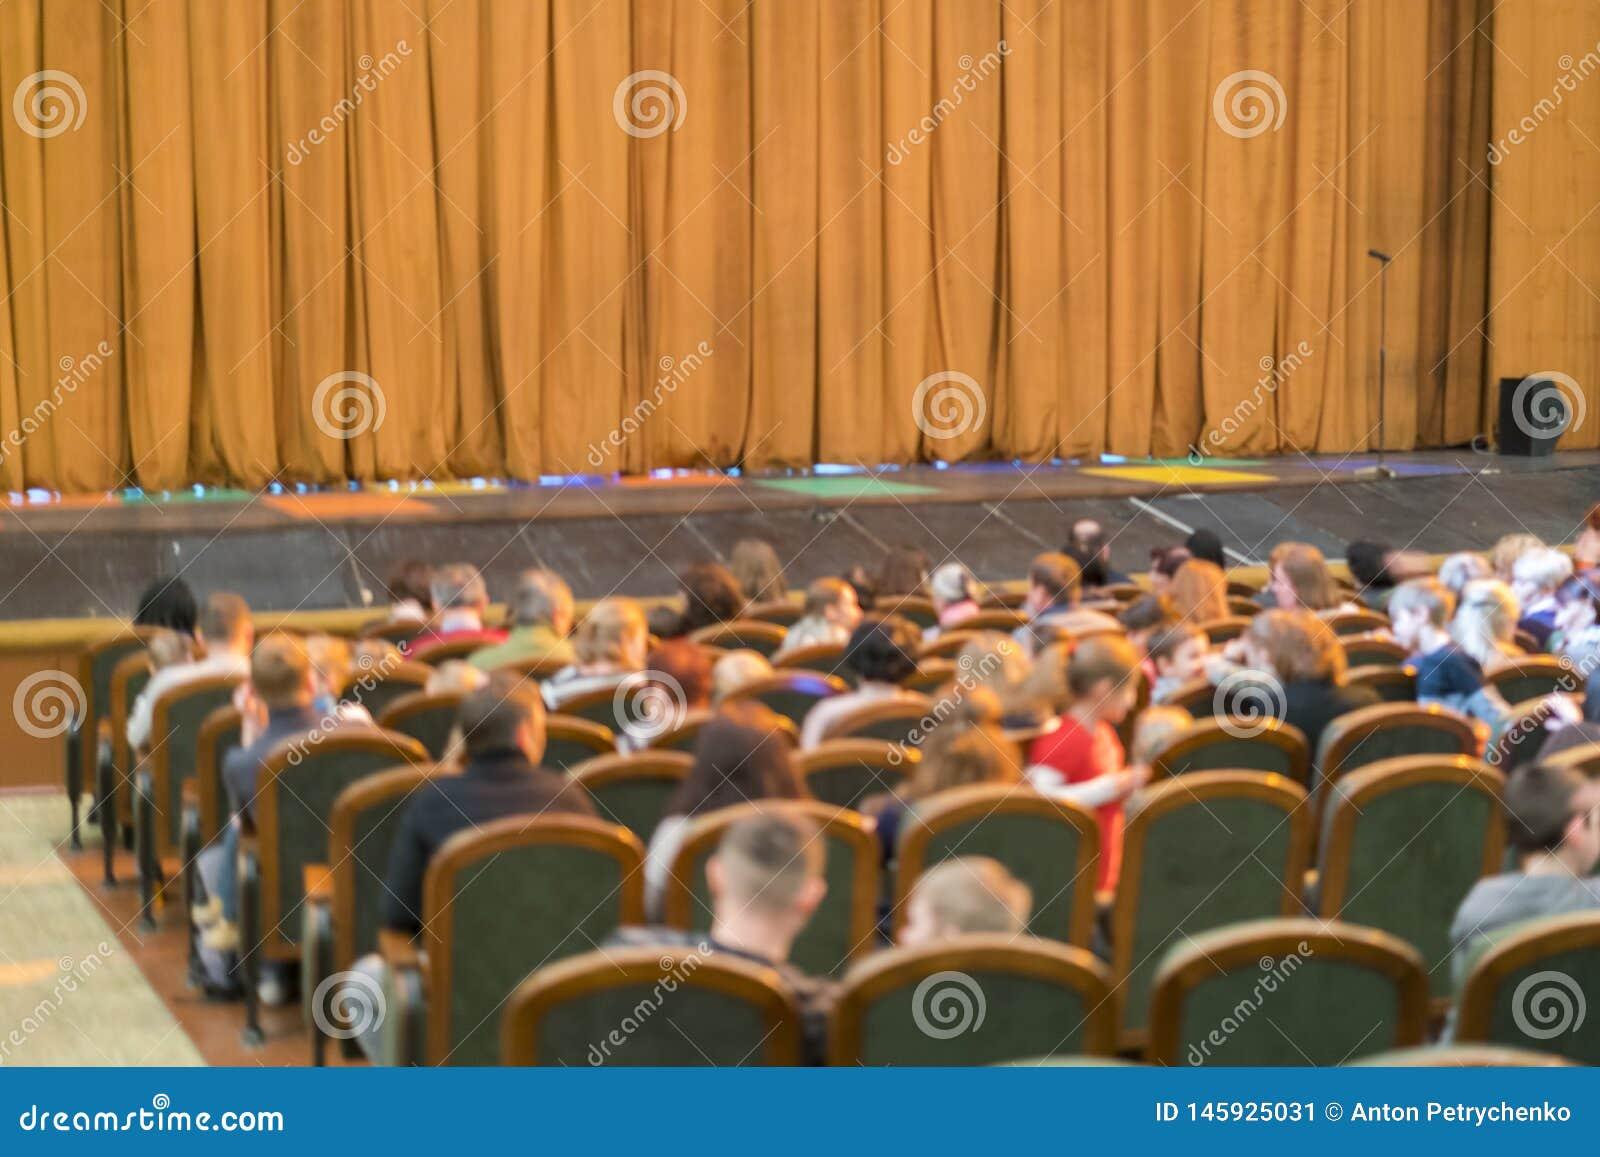 Audiencia en teatro cortina cerrada de la etapa en un teatro blurry